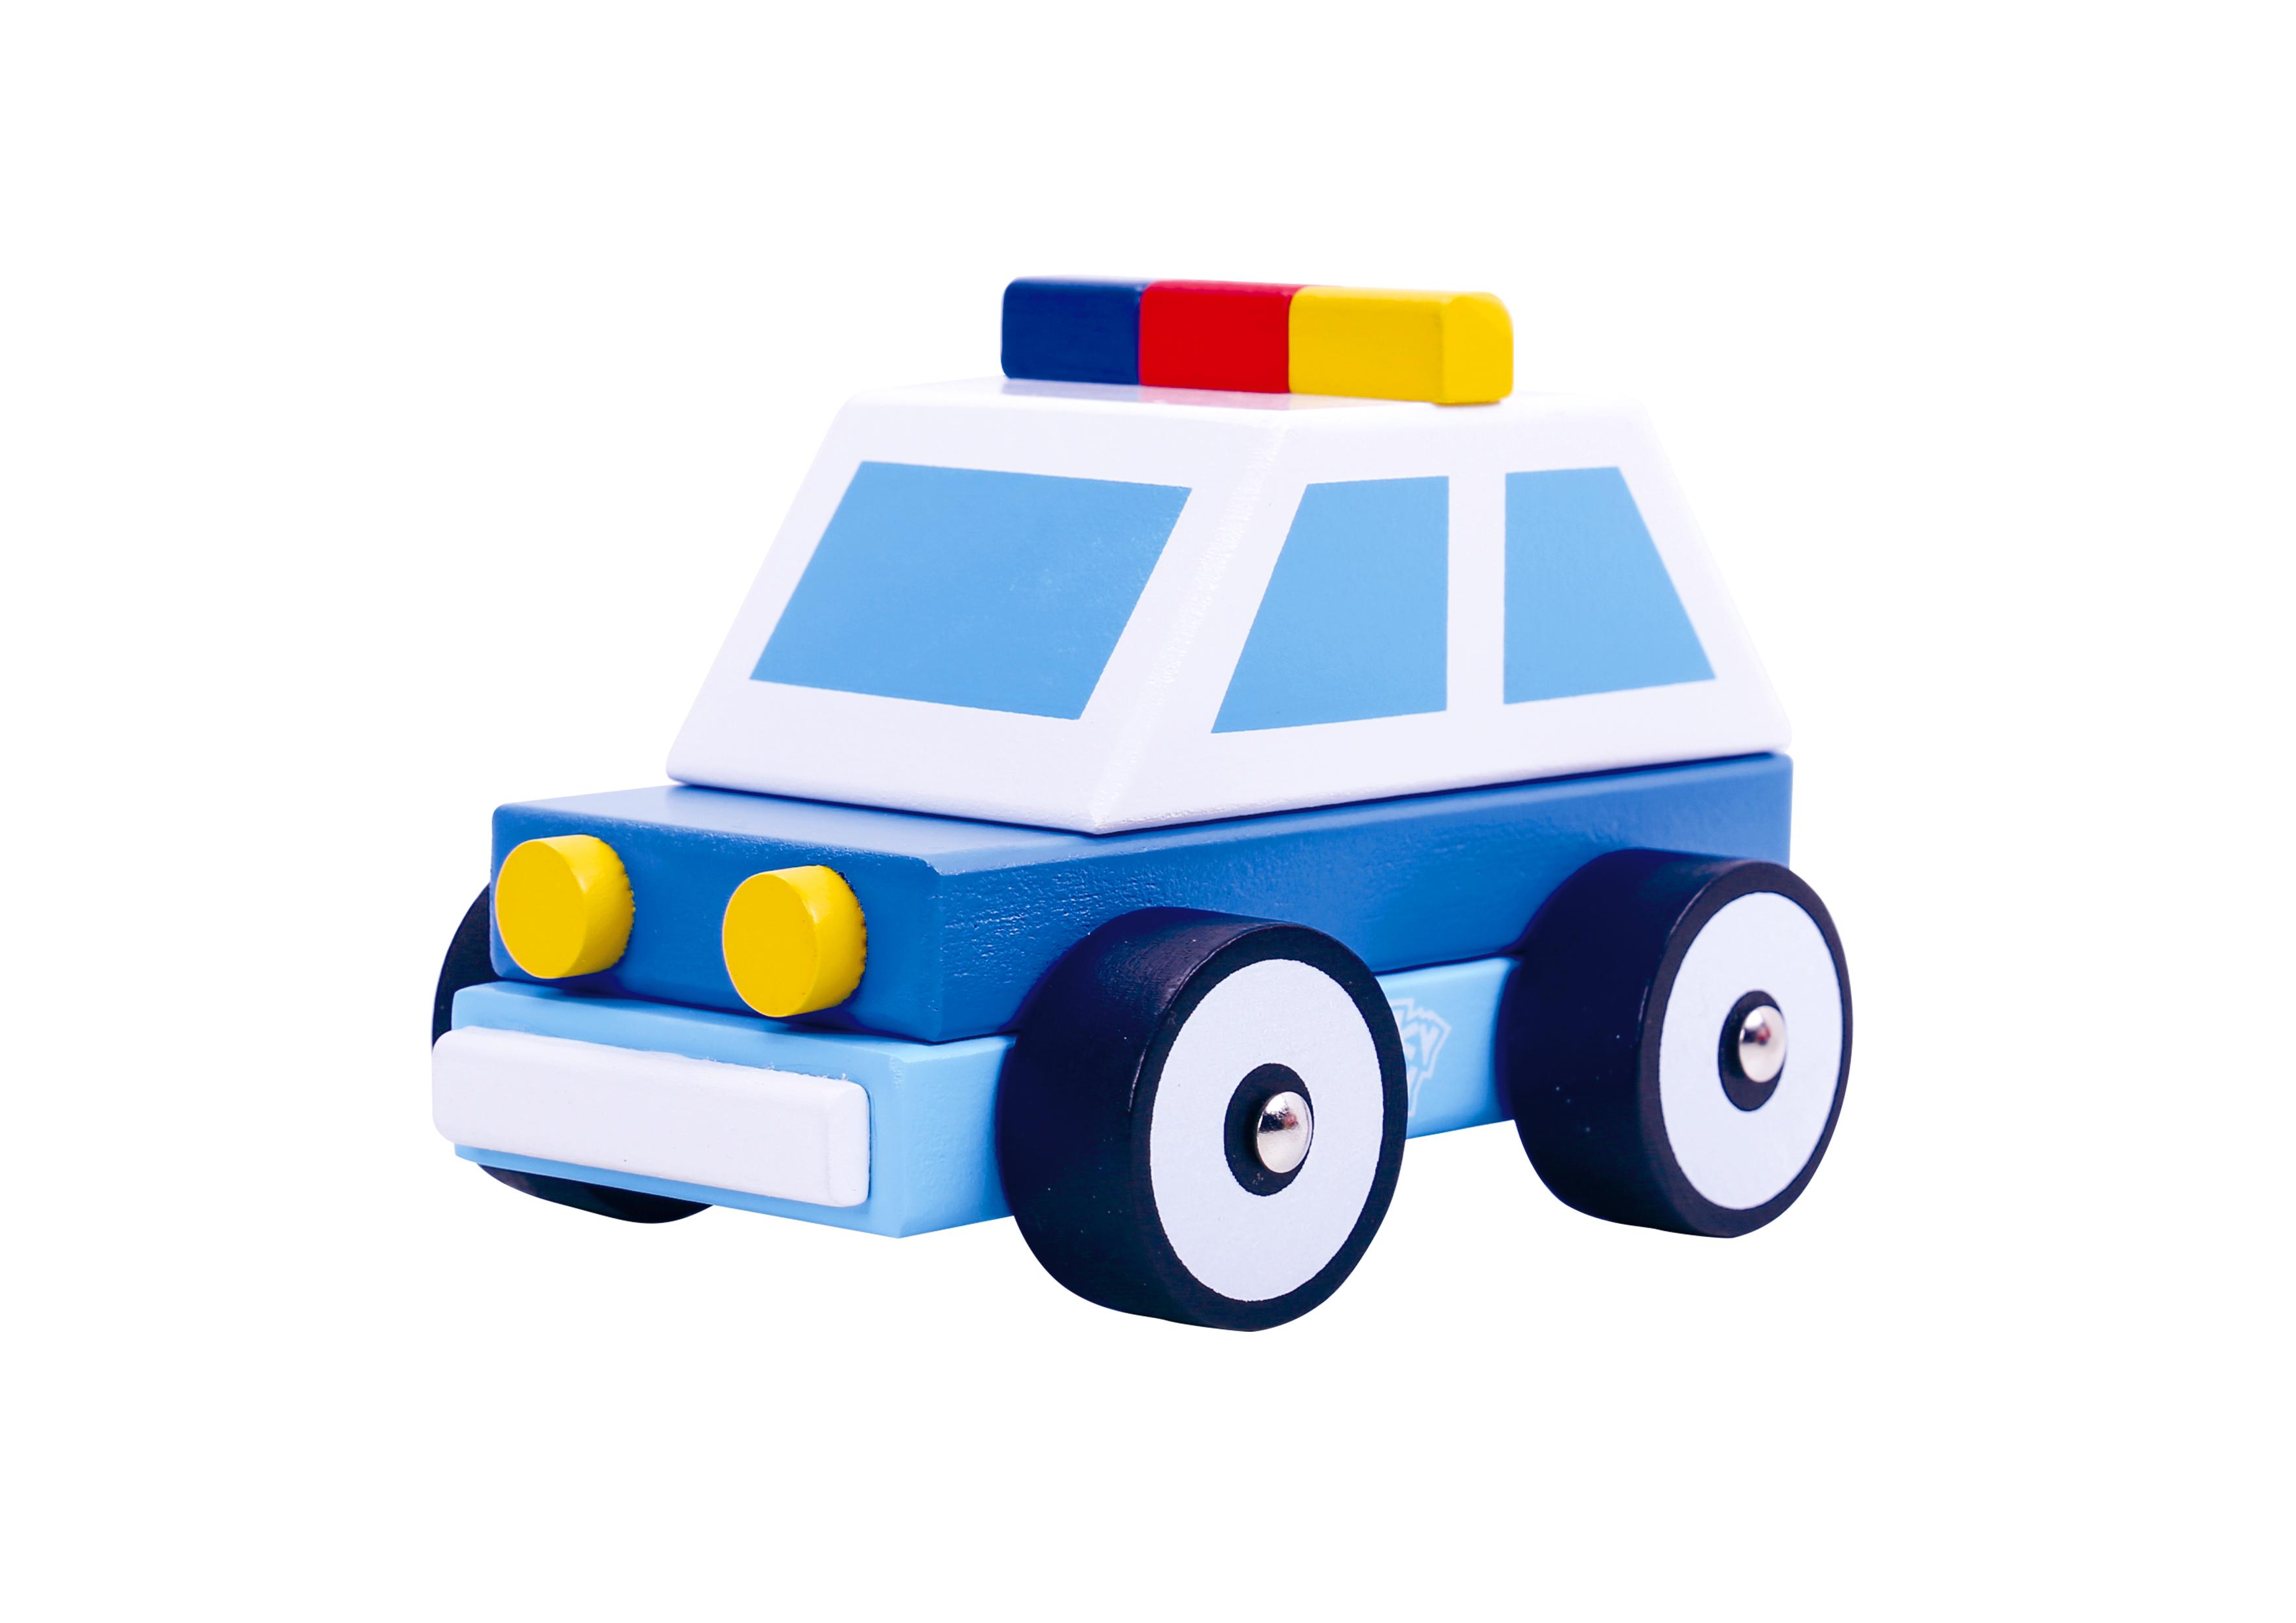 Masina de politie din lemn tooky toy imagine